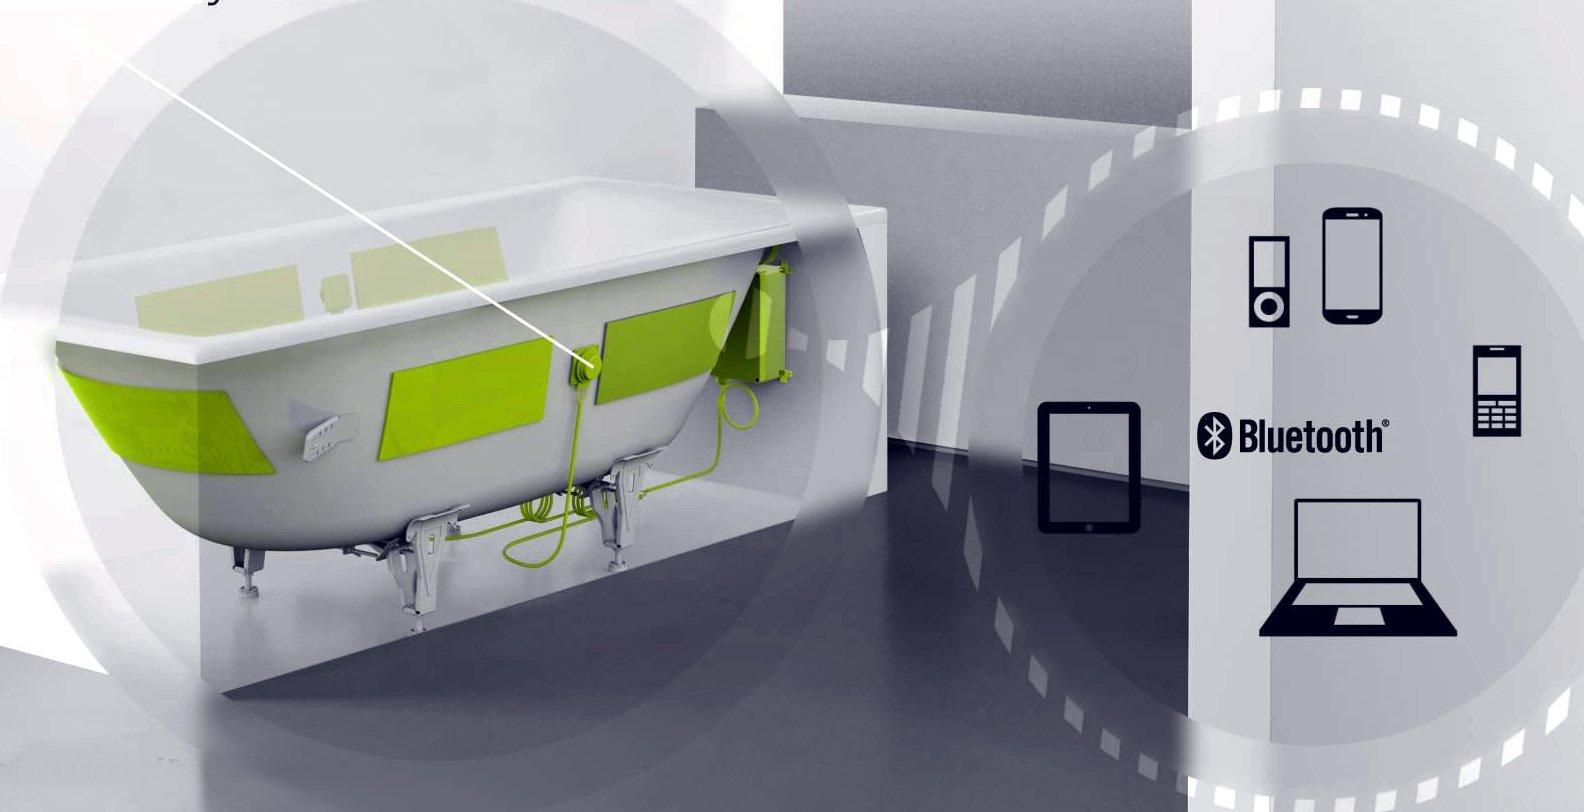 Схема расположения и источников музыкальных файлов акустической системы Sound Wave для стальных эмалированных ванн Kaldewei